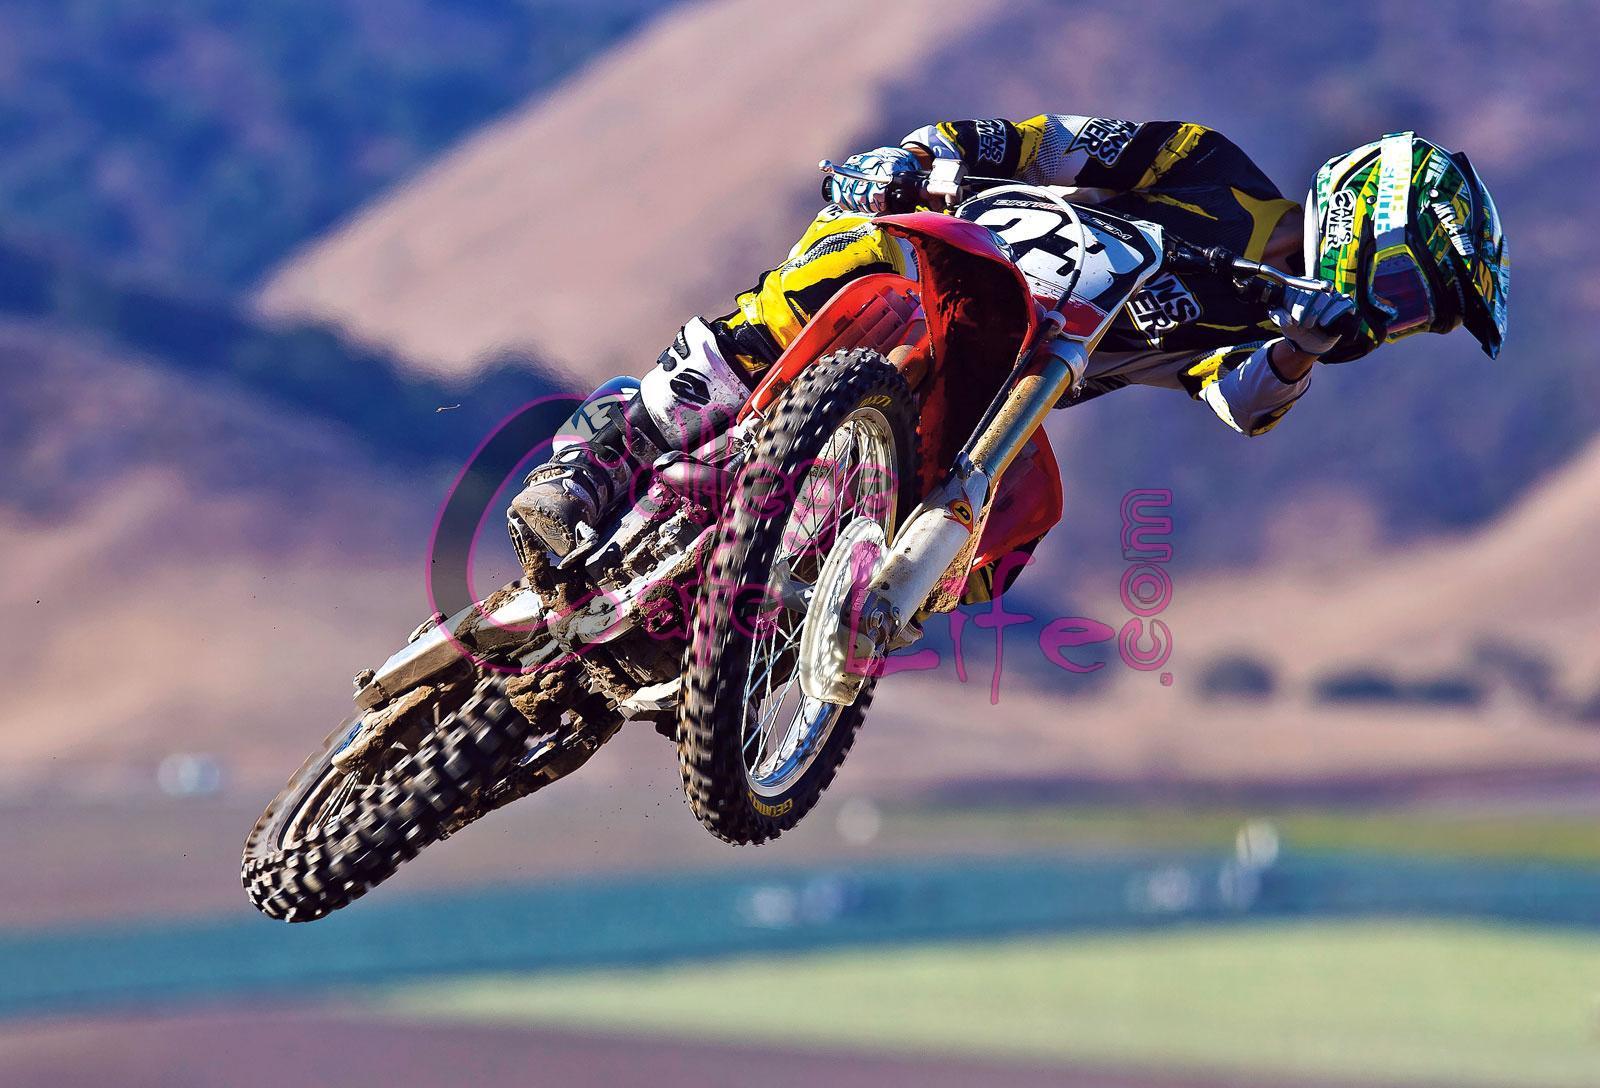 [46+] Dirt Bike Wallpaper HD on WallpaperSafari